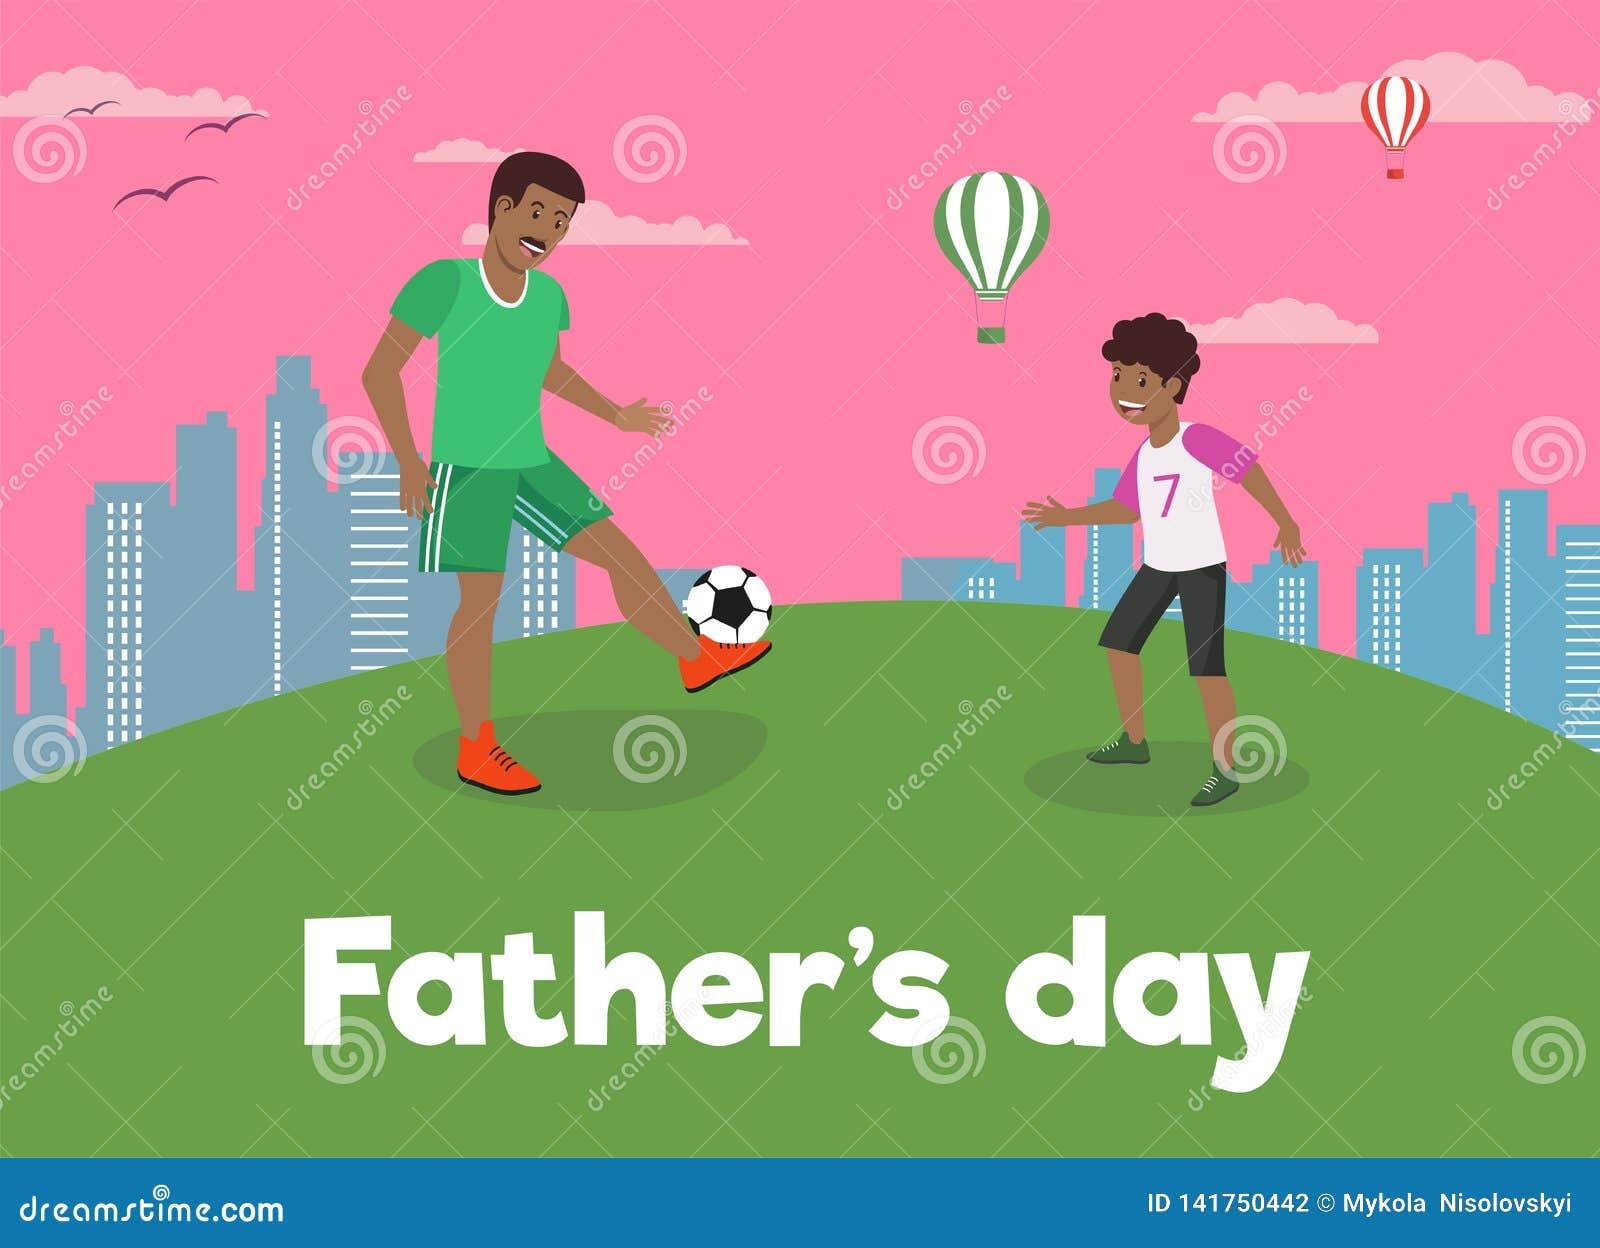 Ο διανυσματικός επίπεδος μπαμπάς ημέρας πατέρων εμβλημάτων αγαπά το γιο